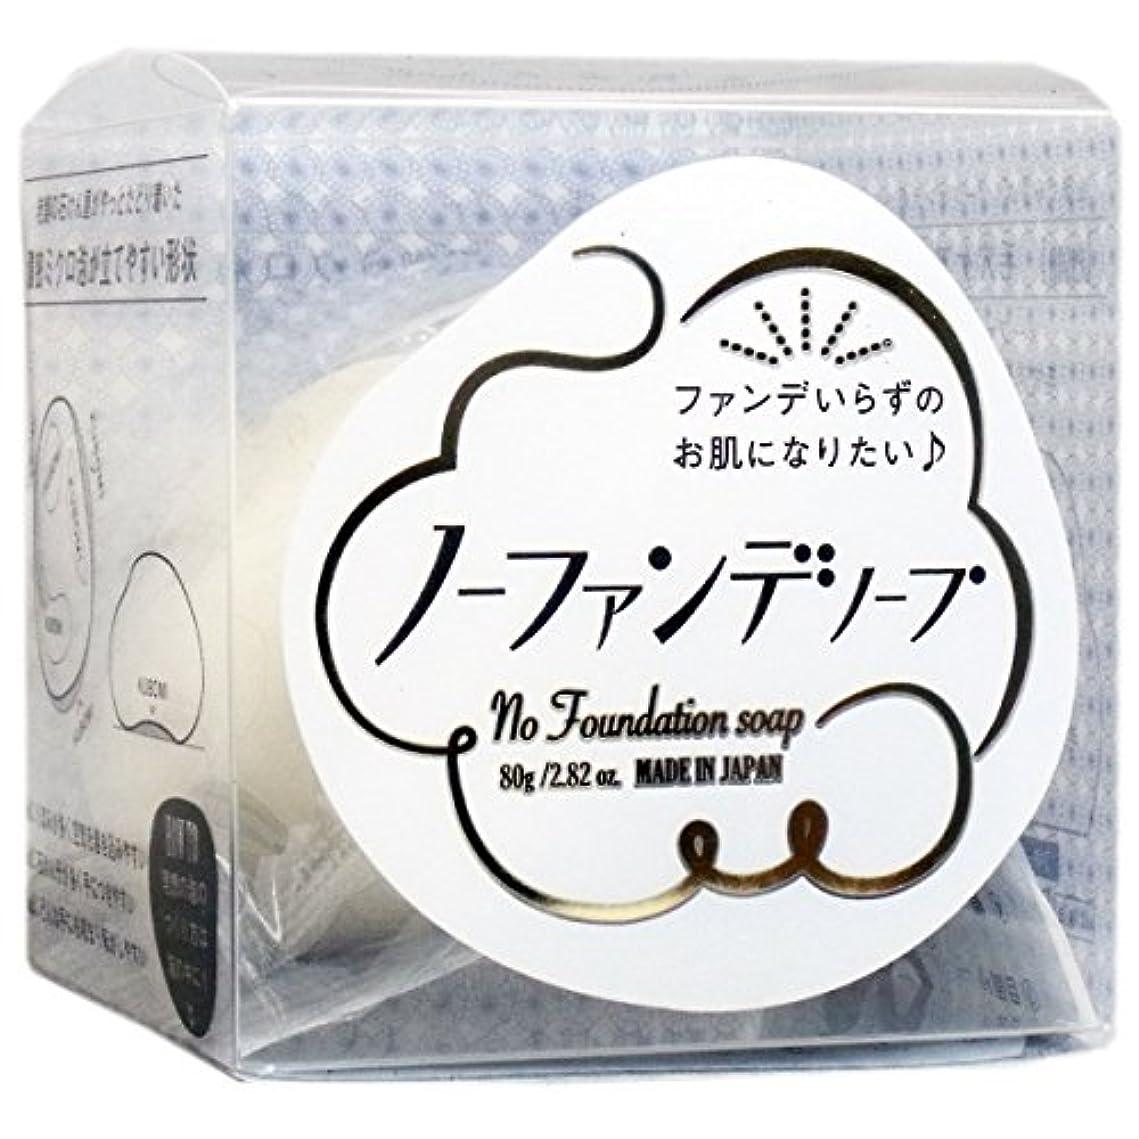 【まとめ買い】ノーファンデソープ 80g【×4個】